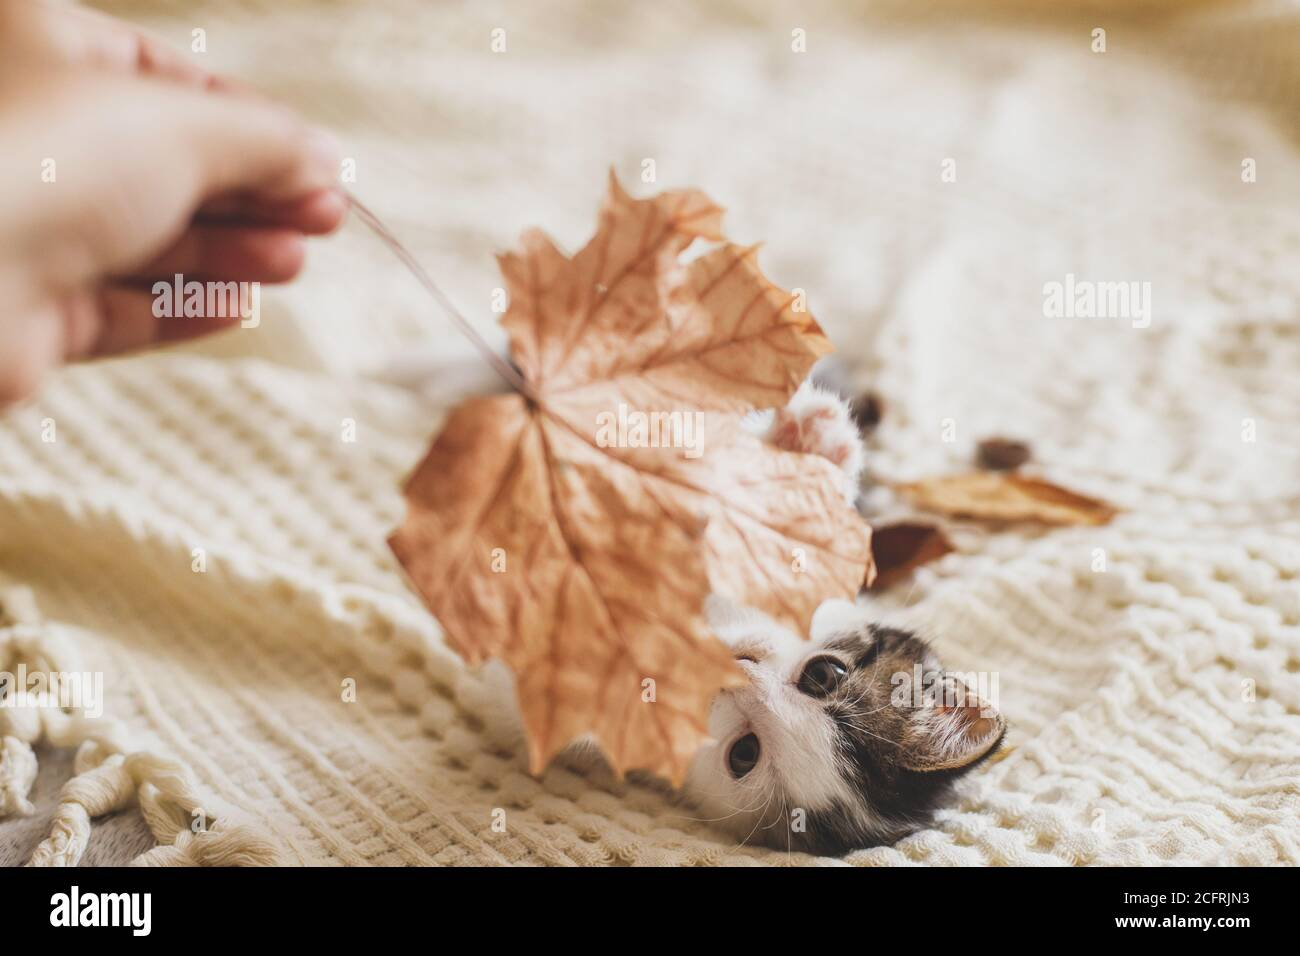 Adorable gatito jugando con hojas de otoño sobre una manta suave. Mano sosteniendo la hoja de otoño y jugando con cute gatito blanco y gris en la cama en la habitación. Otoño c Foto de stock